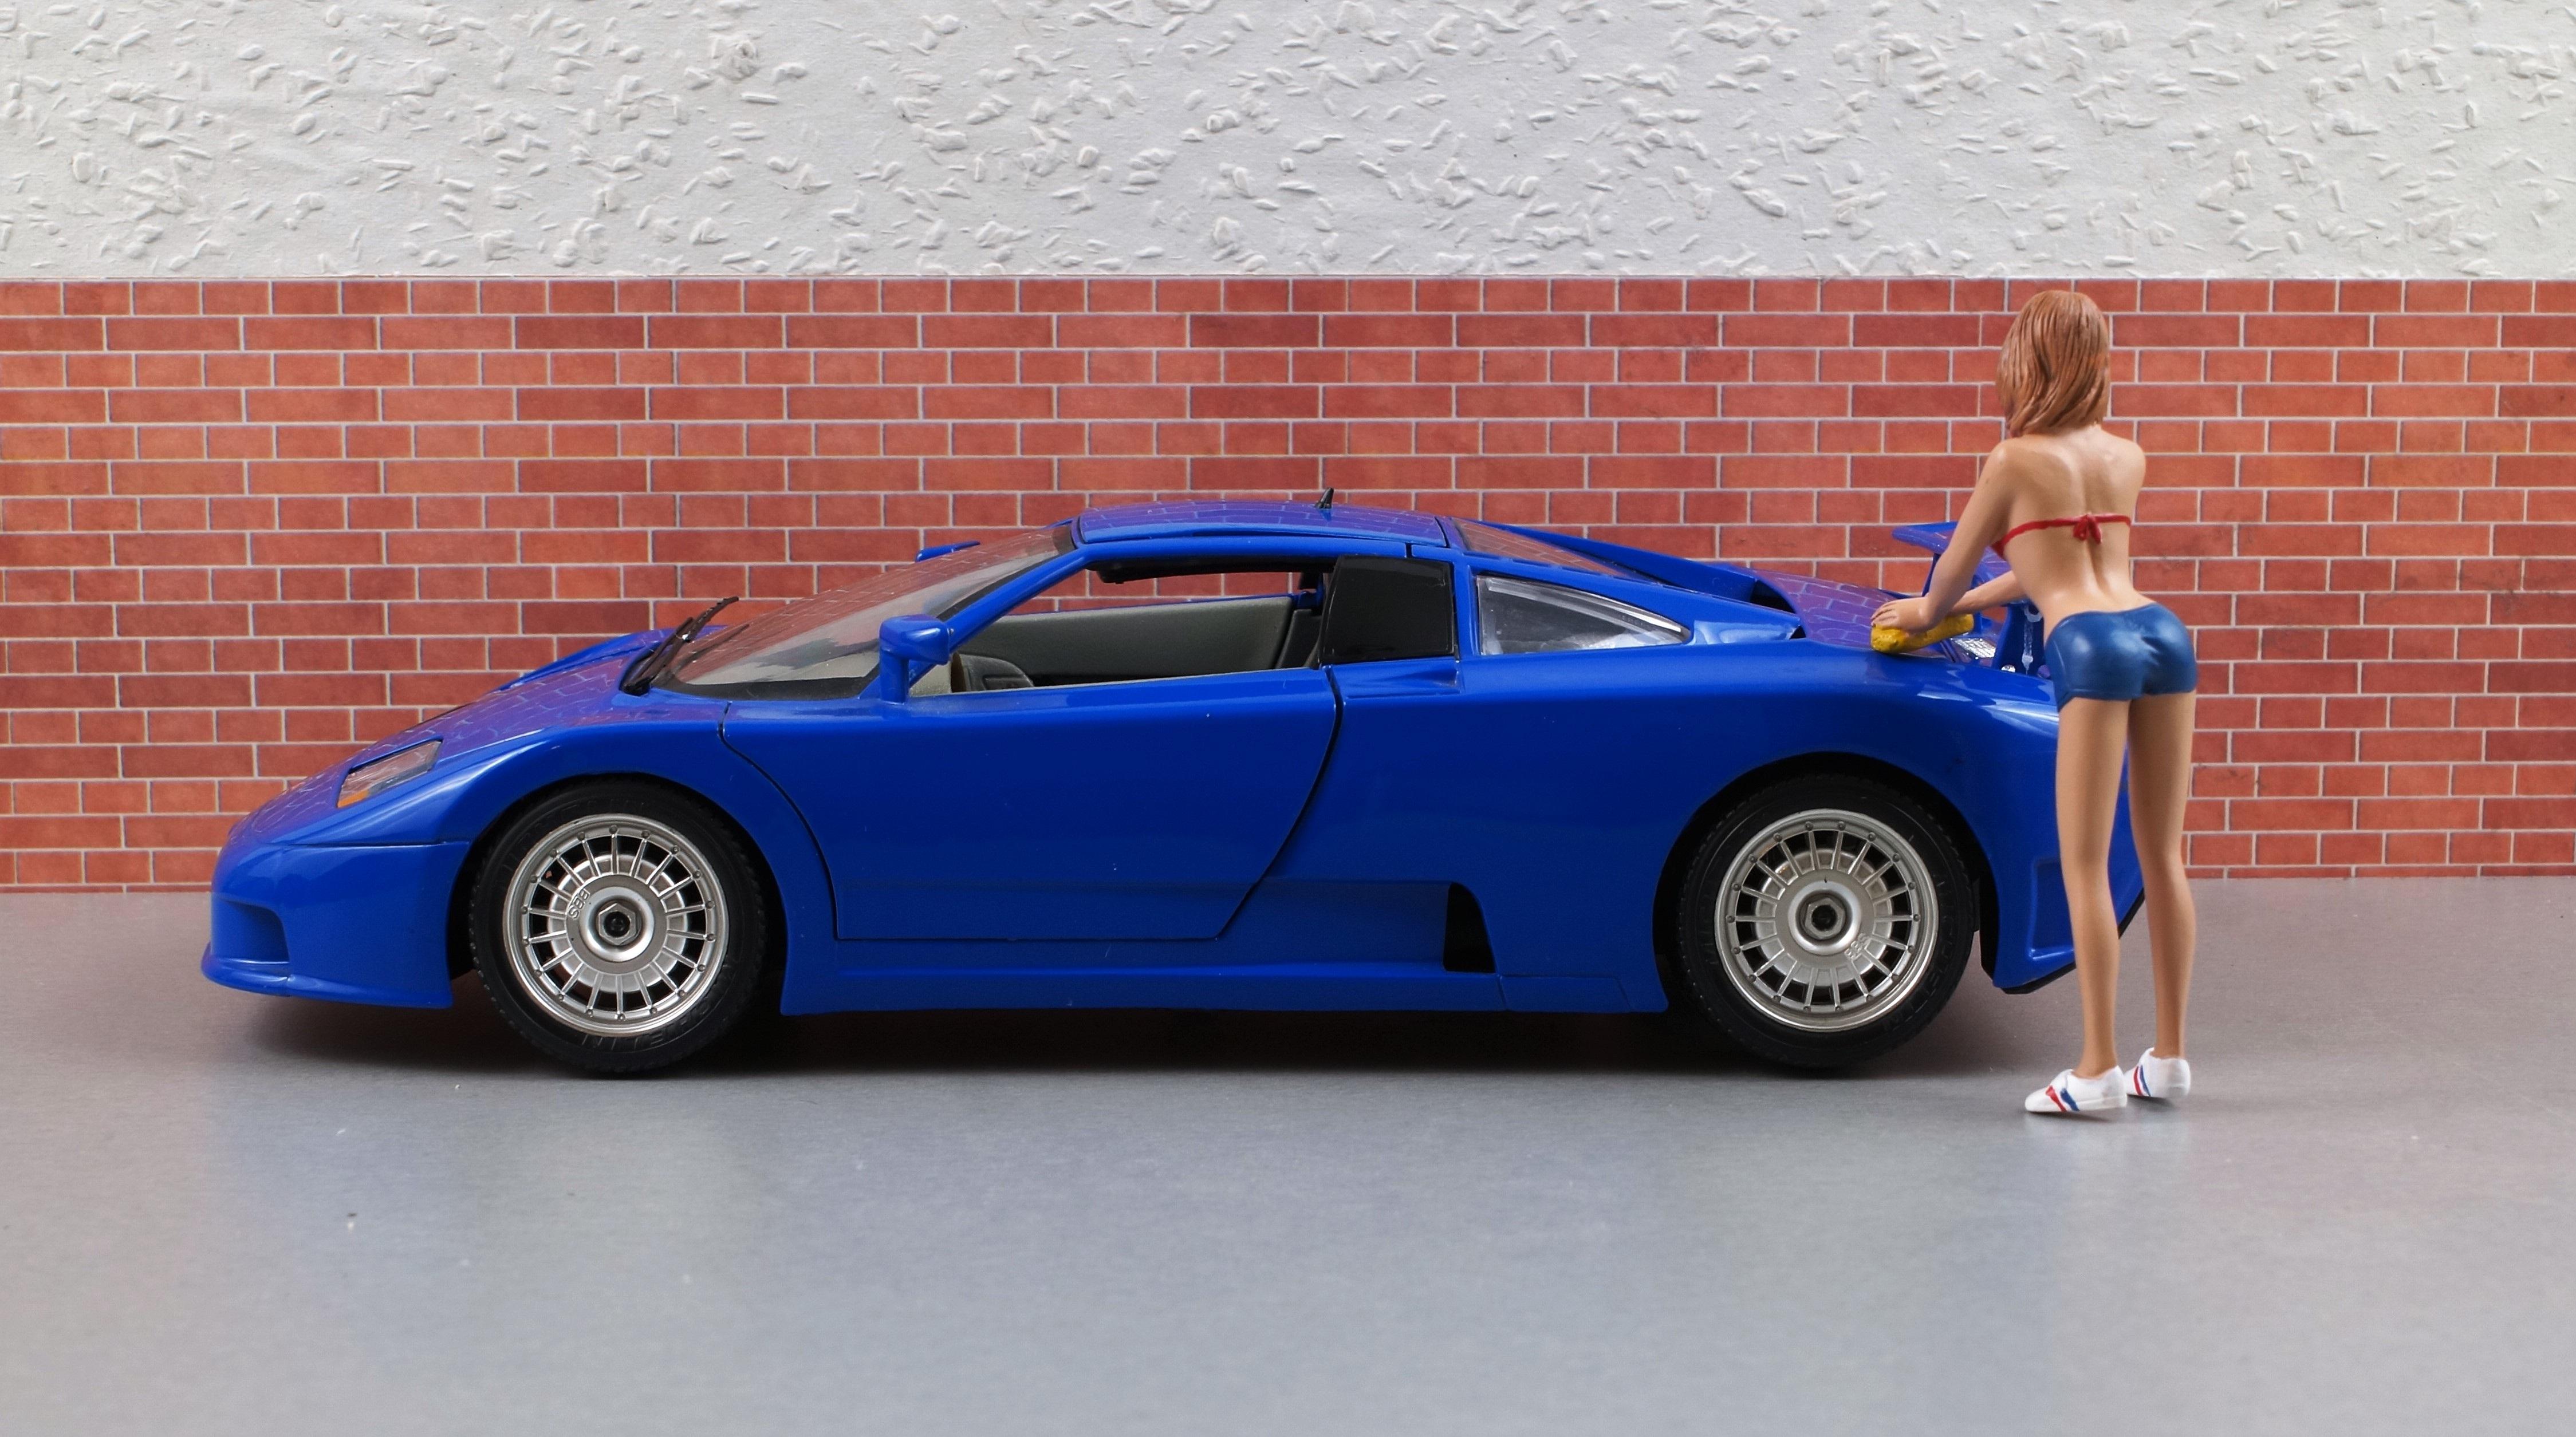 Gambar Tua Biru Bikini Mobil Sport Kap Mobil Balap Supercar Motor Mainan Oldtimer Seksi Klasik Diorama Bugatti Motorsport Mencuci Mobil Lamborghini Model Mobil Kendaraan Darat Mobil Make Desain Otomotif Kendaraan Mewah